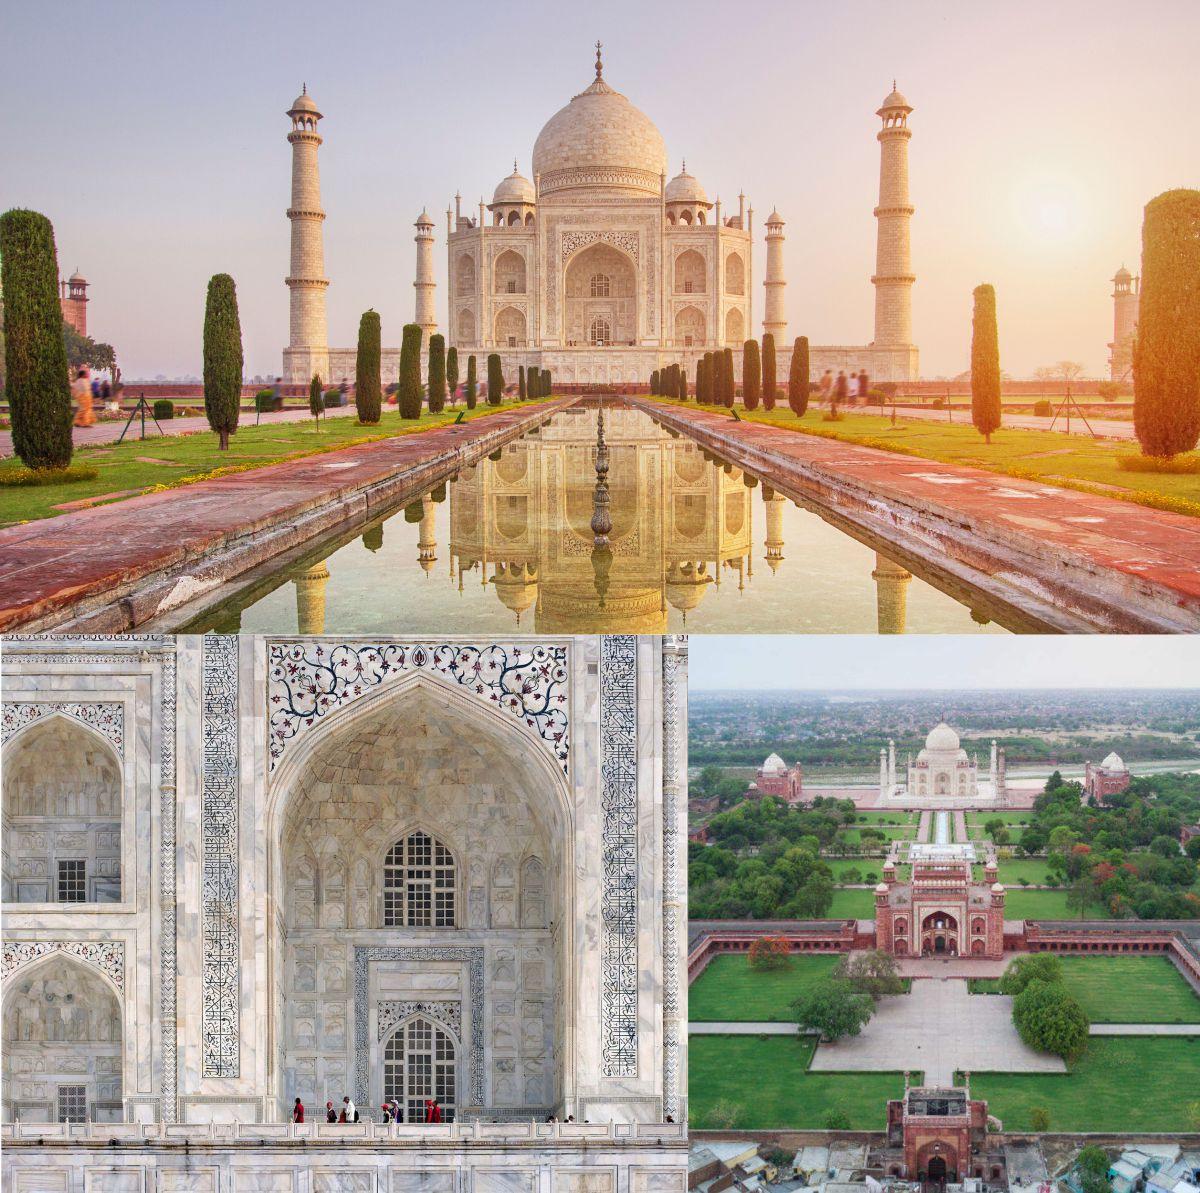 grandes-templos-da-india-mahabalipuram-gangaikonda-cholapuram-taj-mahal-qutub-minar-akshardham-lal-qilah-viagem-nosso-blog-3.jpg